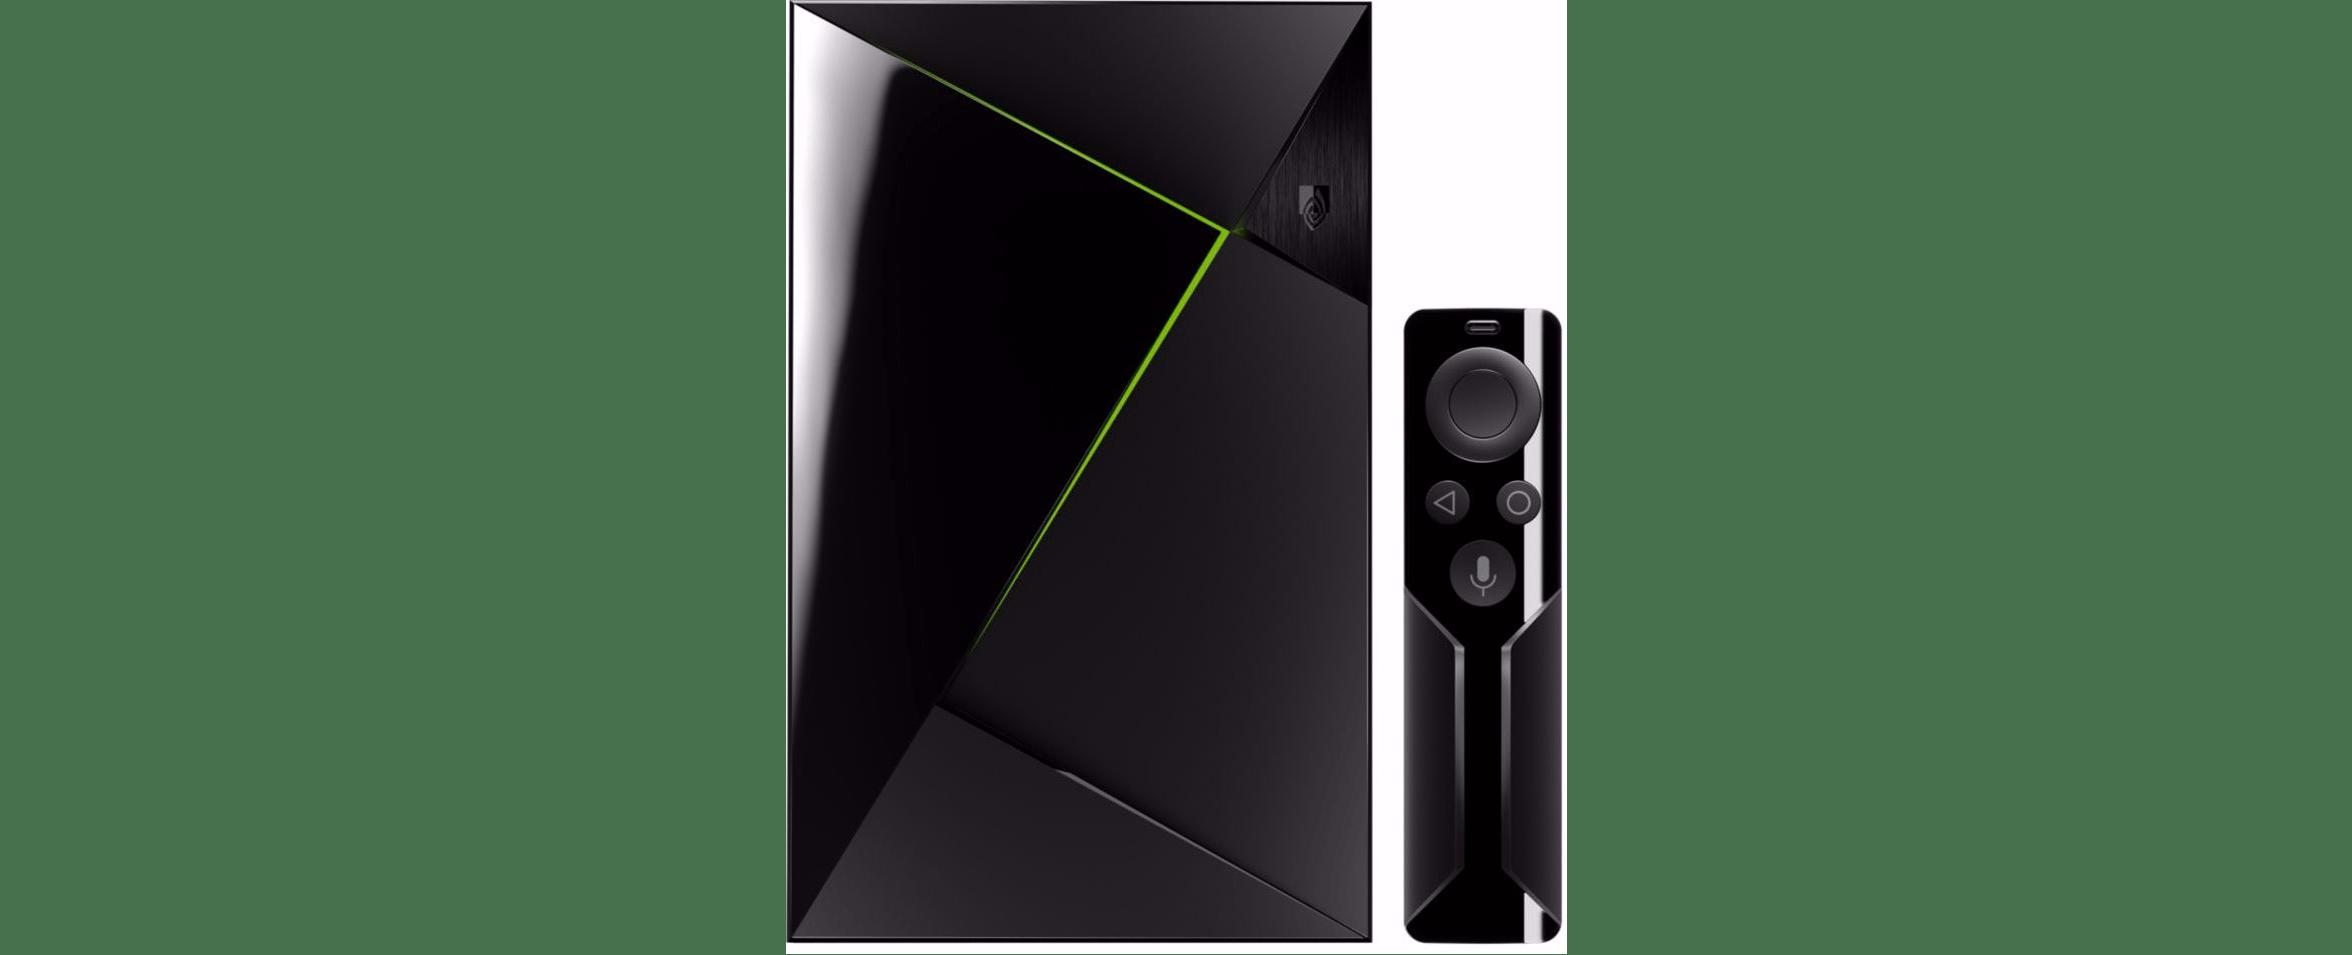 🔥 Bon plan : la Nvidia Shield TV 2017 est à 159 euros au lieu de 199 euros